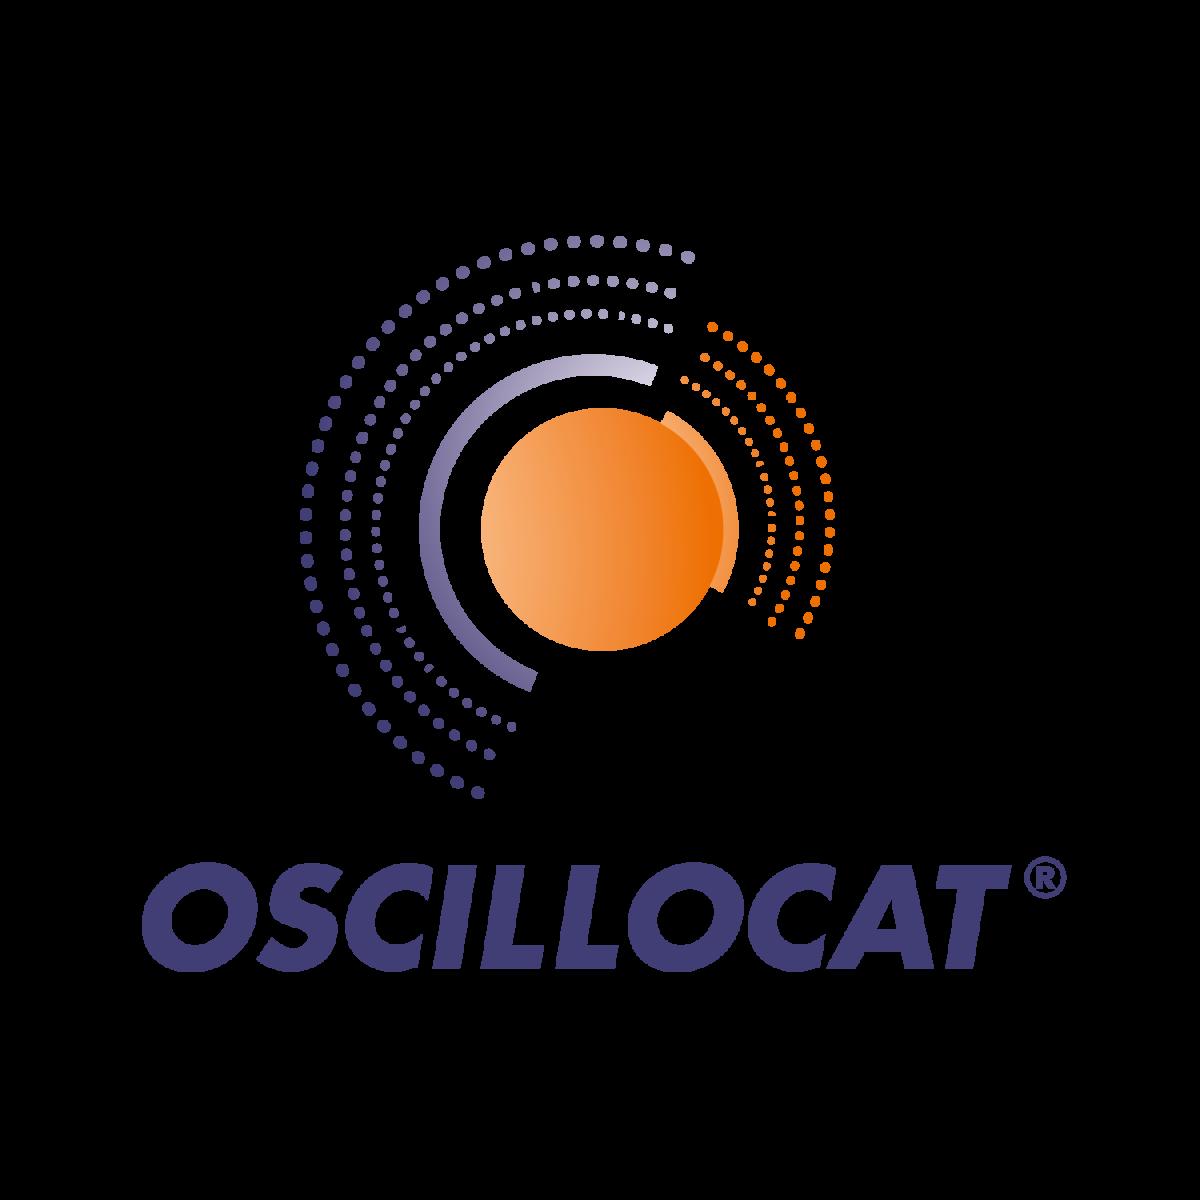 LOGO - OSCILLOCAT